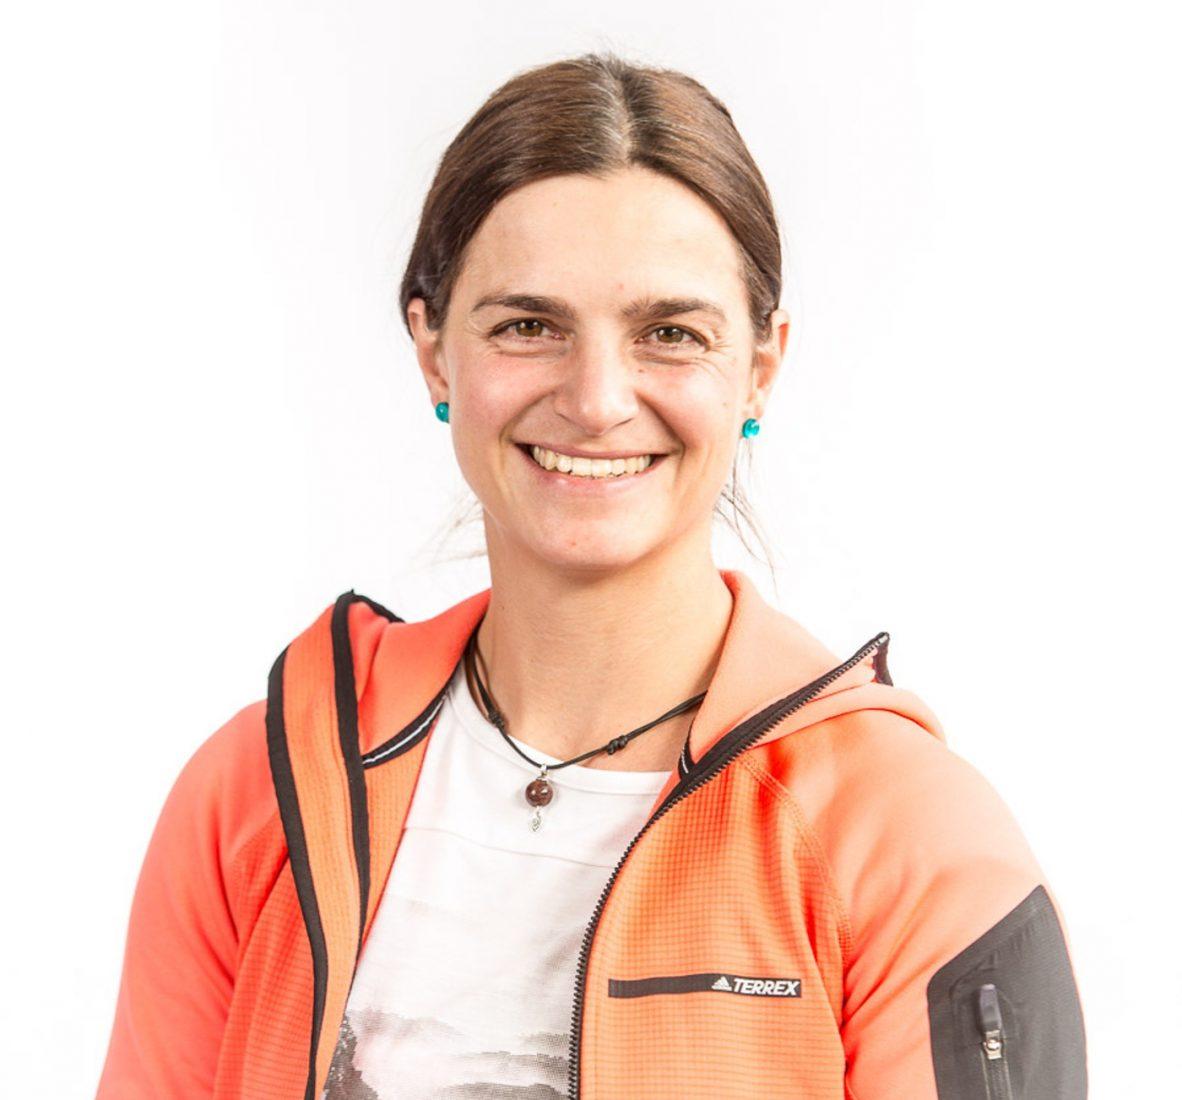 Alexandra Schweikart ist promovierte Chemikerin und Textilwissenschaftlerin. Als professionelle Bergsportlerin, Sportkletterlehrerin und Sachkundige für PSAgA weiß sie genau, worauf es bei Textilien im Outdoor-Einsatz ankommt.